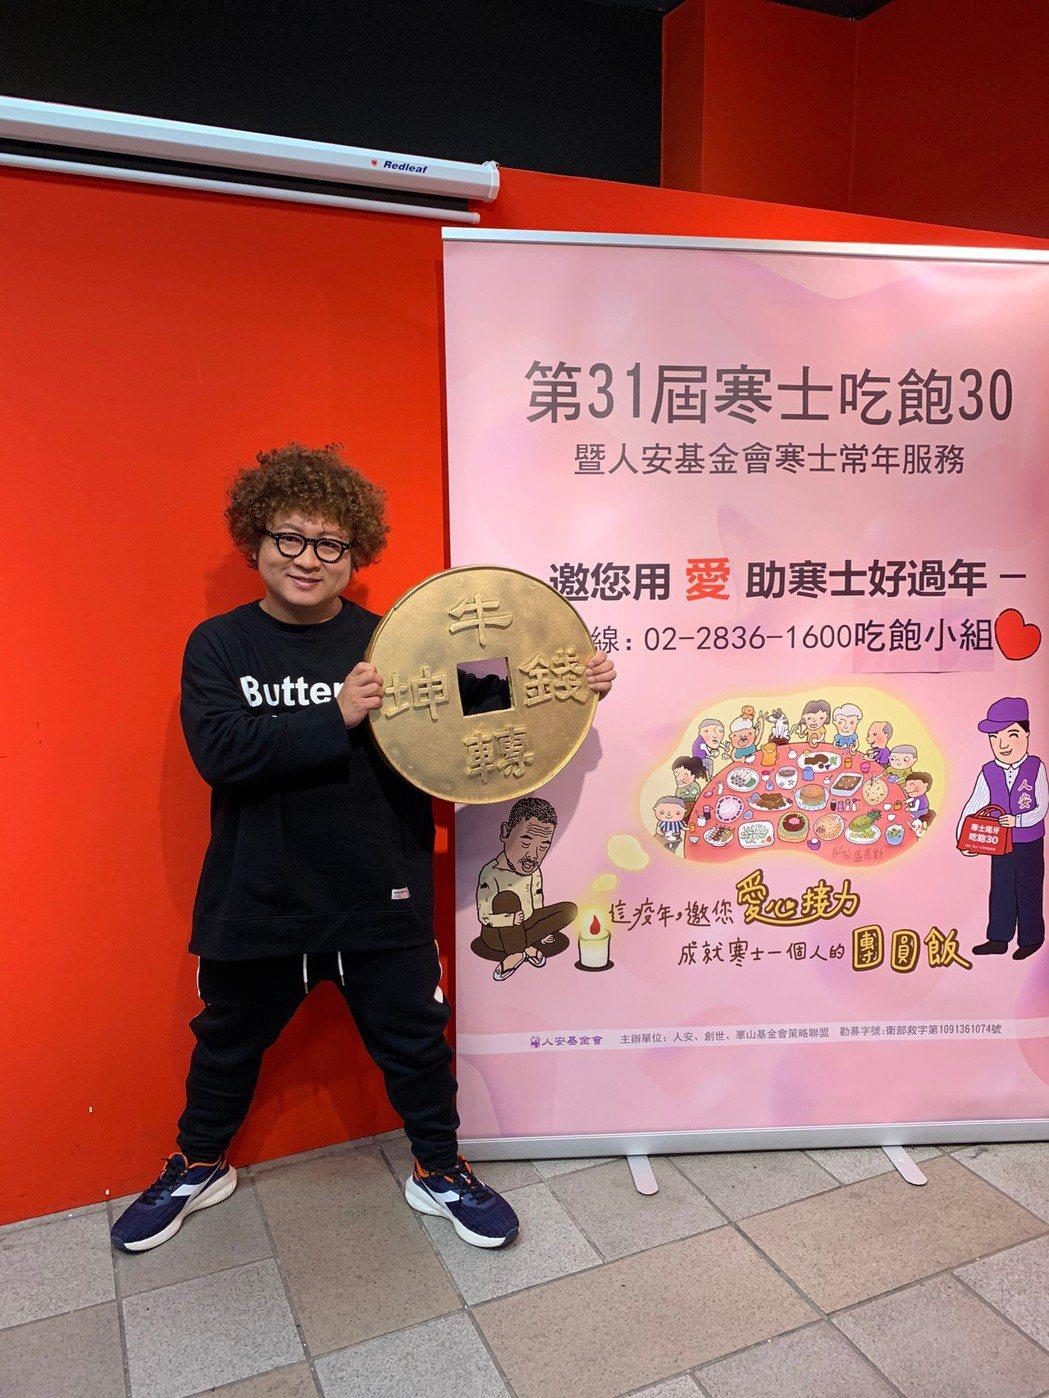 納豆今出席「牛轉乾坤」公益活動。圖/人安基金會提供